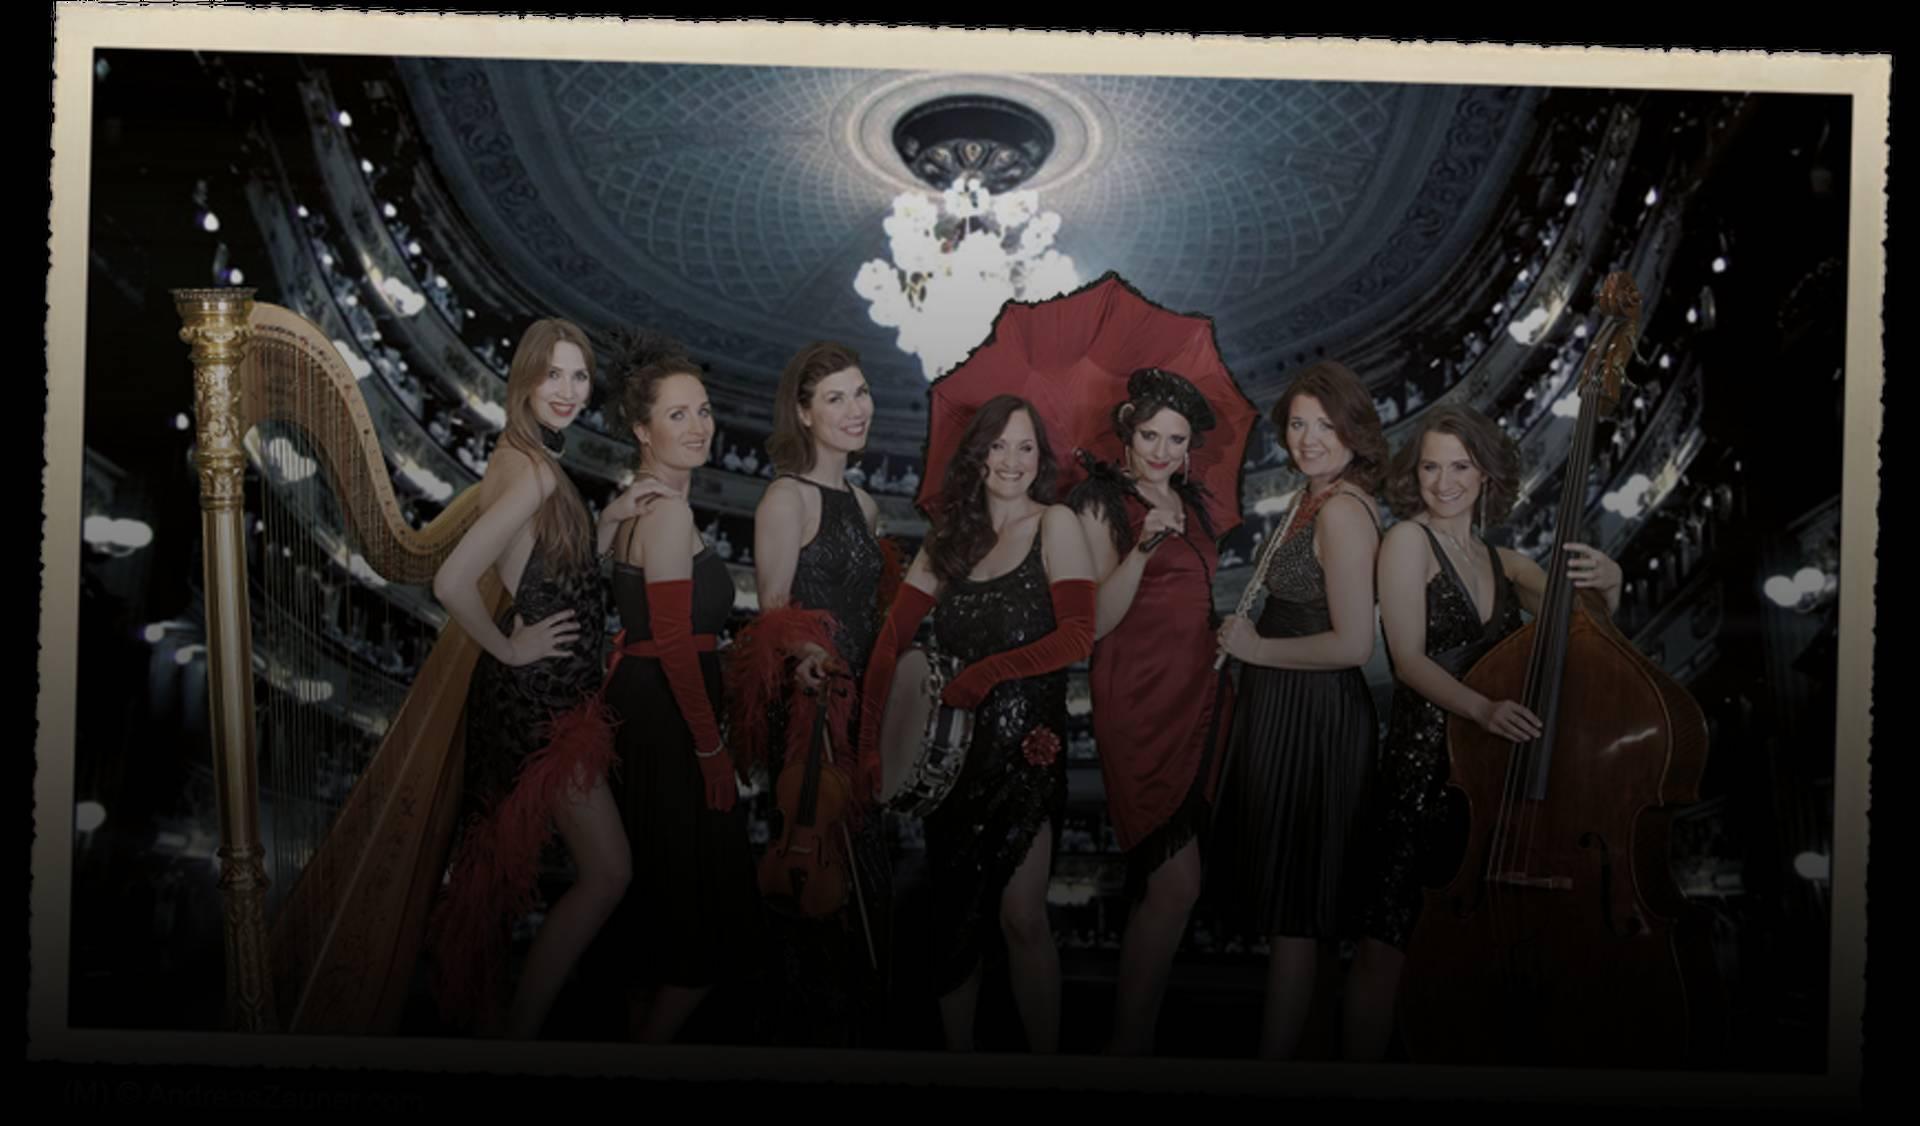 Die Palastsirenen Musikalische Buhnenshow Kunstler Collection